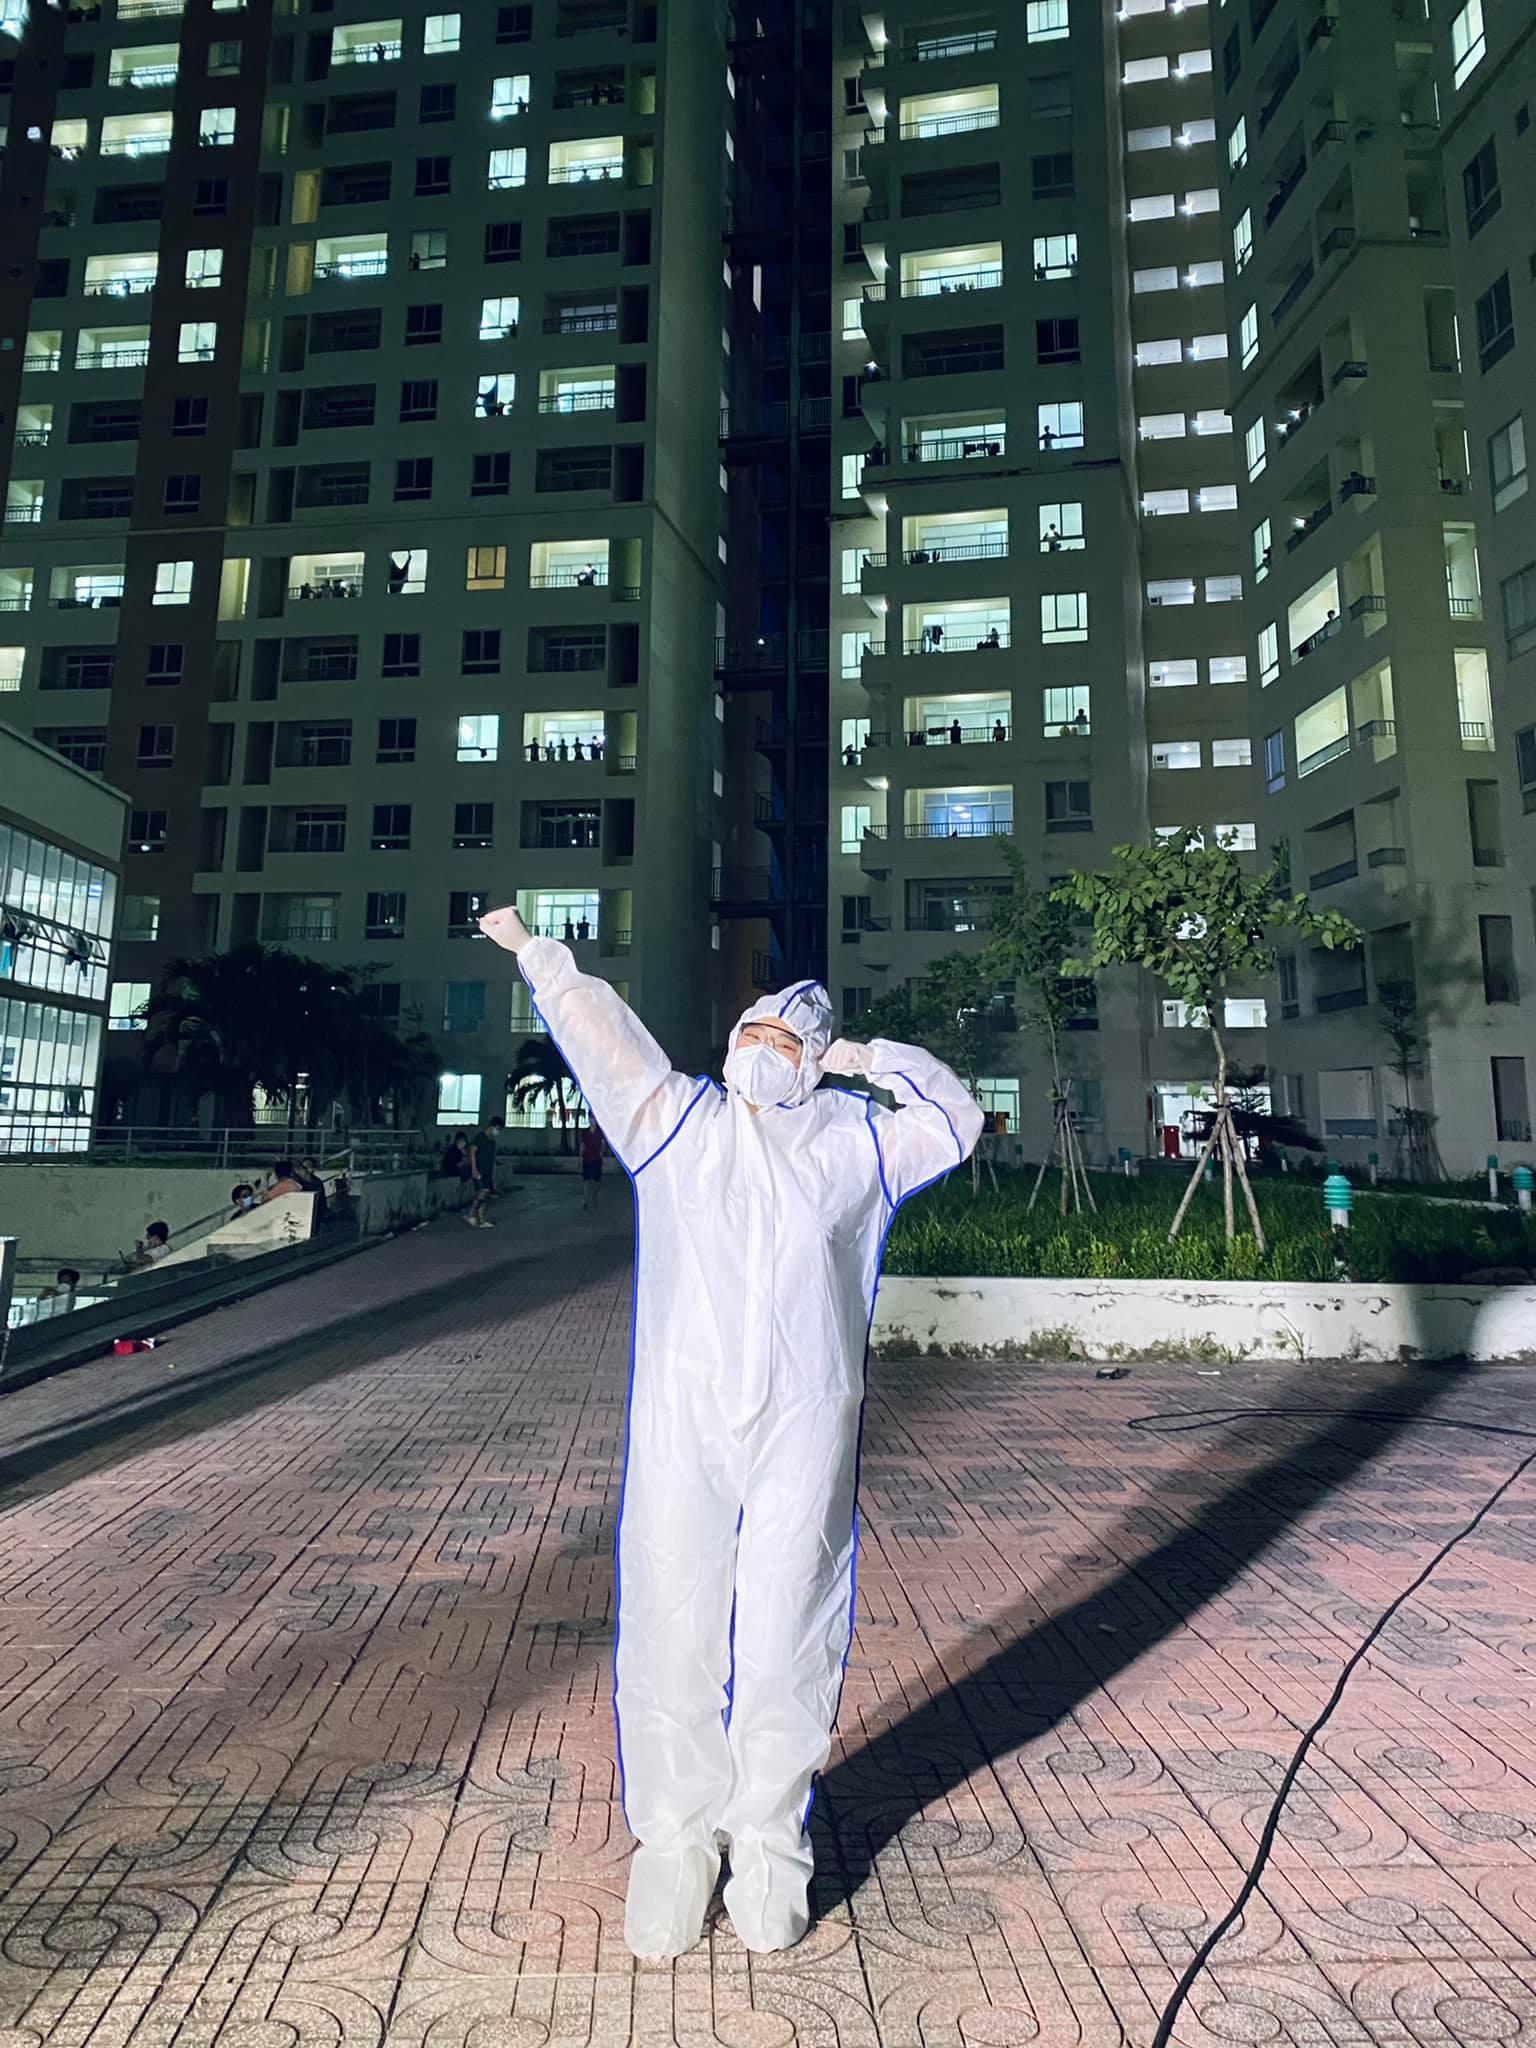 CeCe Trương háo hức khi chuẩn bị biểu diễn tại bệnh viện thu dung số 11